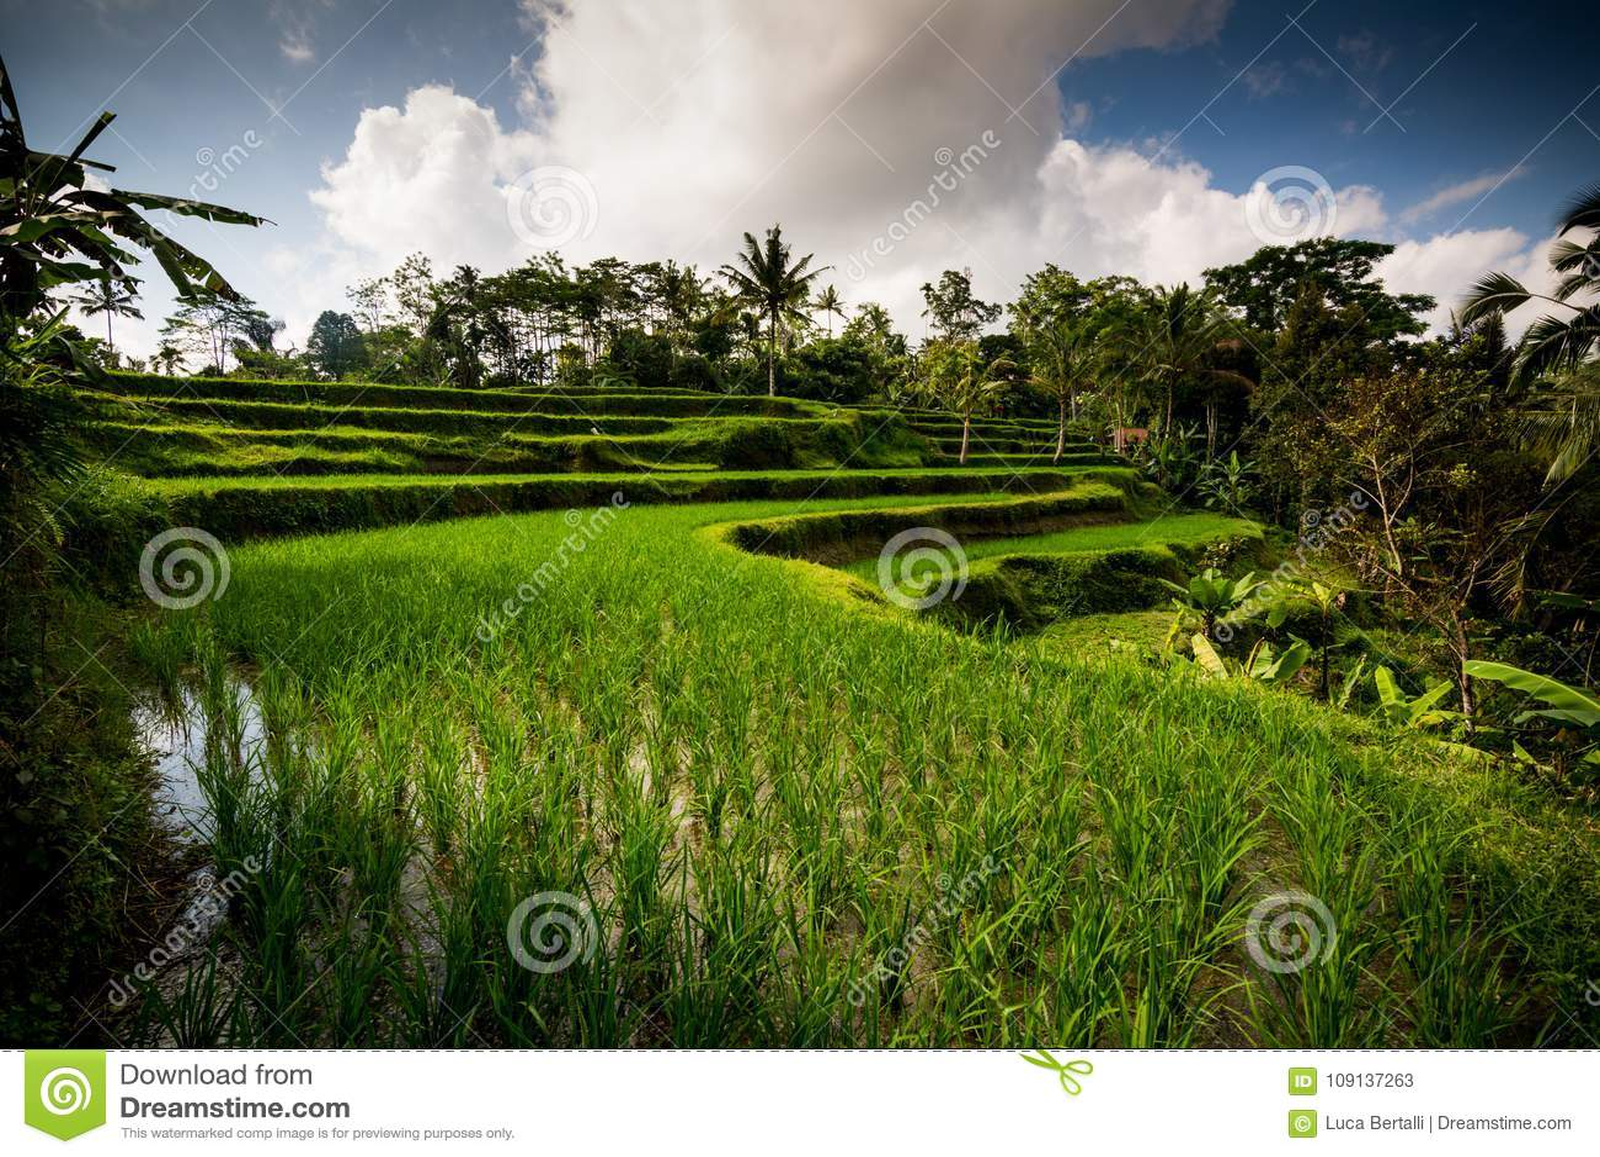 Cultivos Del Arroz En Bali Imagen De Archivo Imagen De